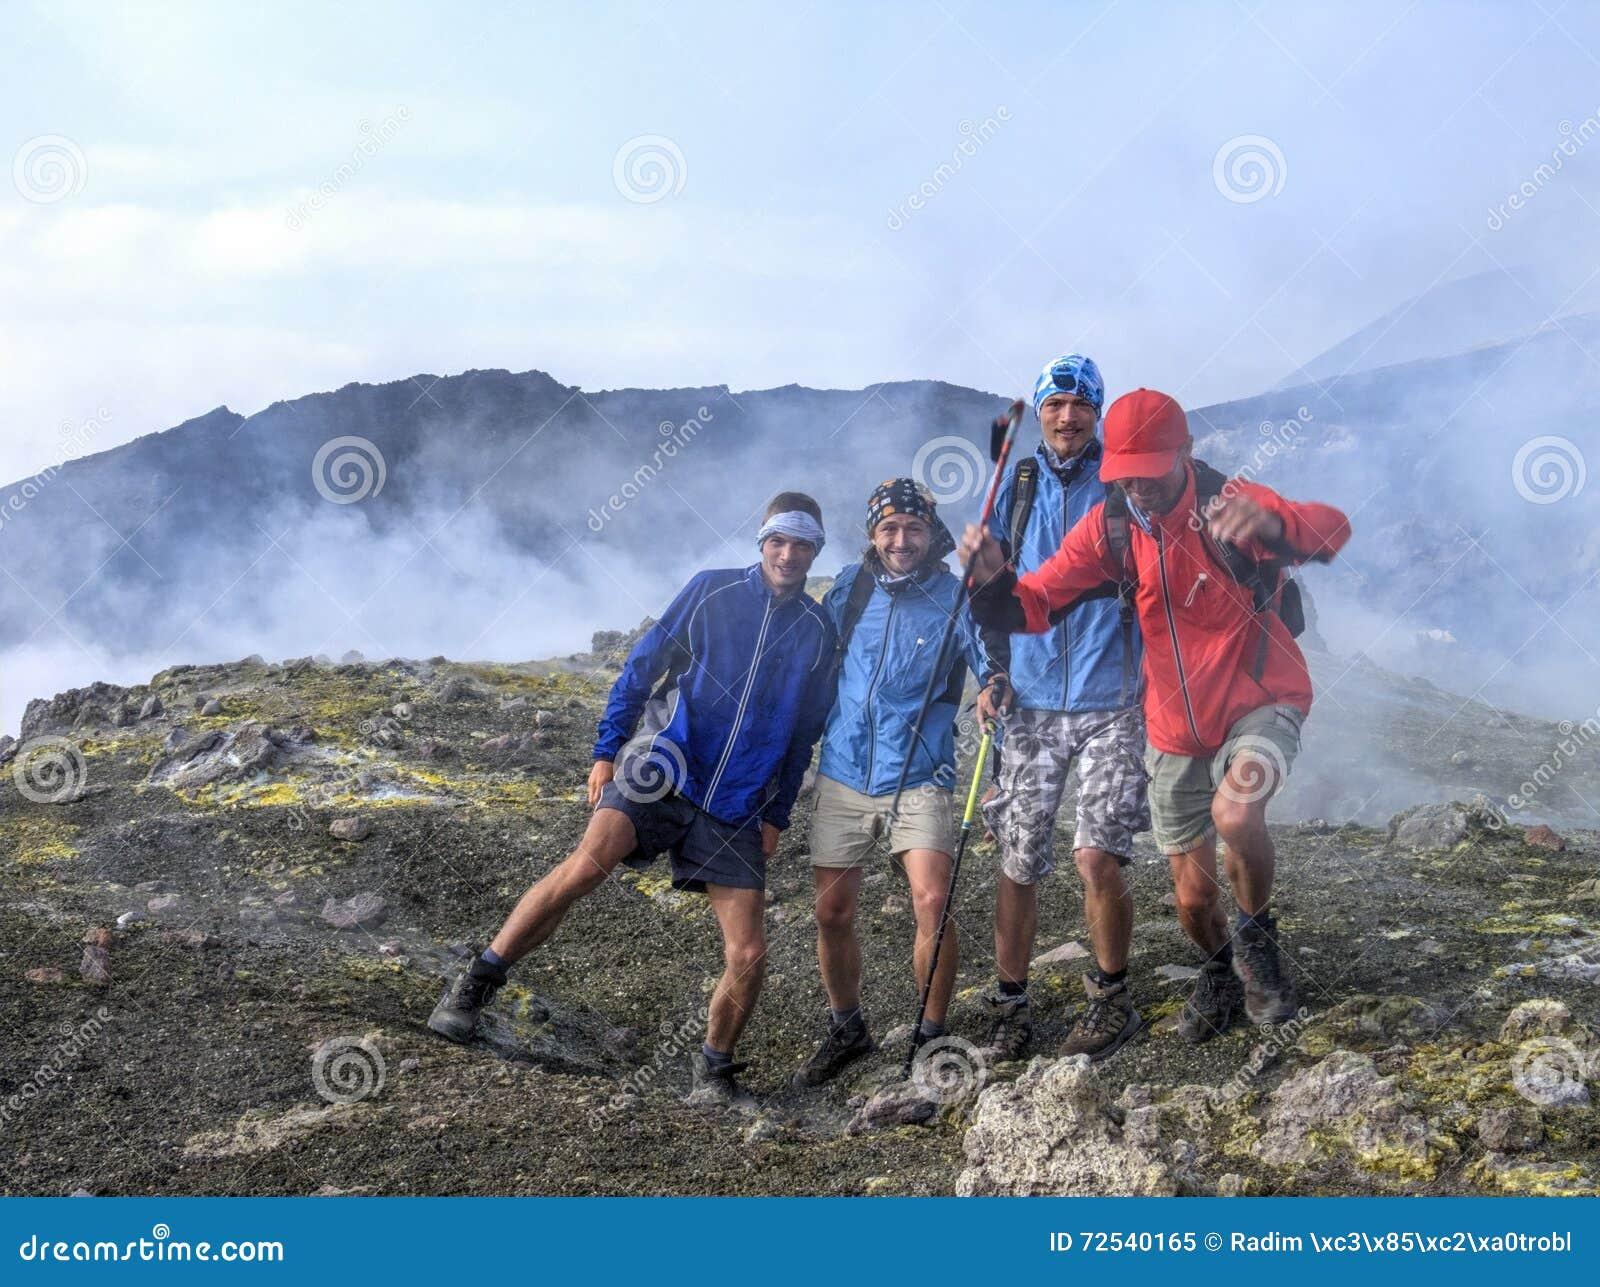 Foto auf dem Gipfel von Ätna störte durch Schwefelgas